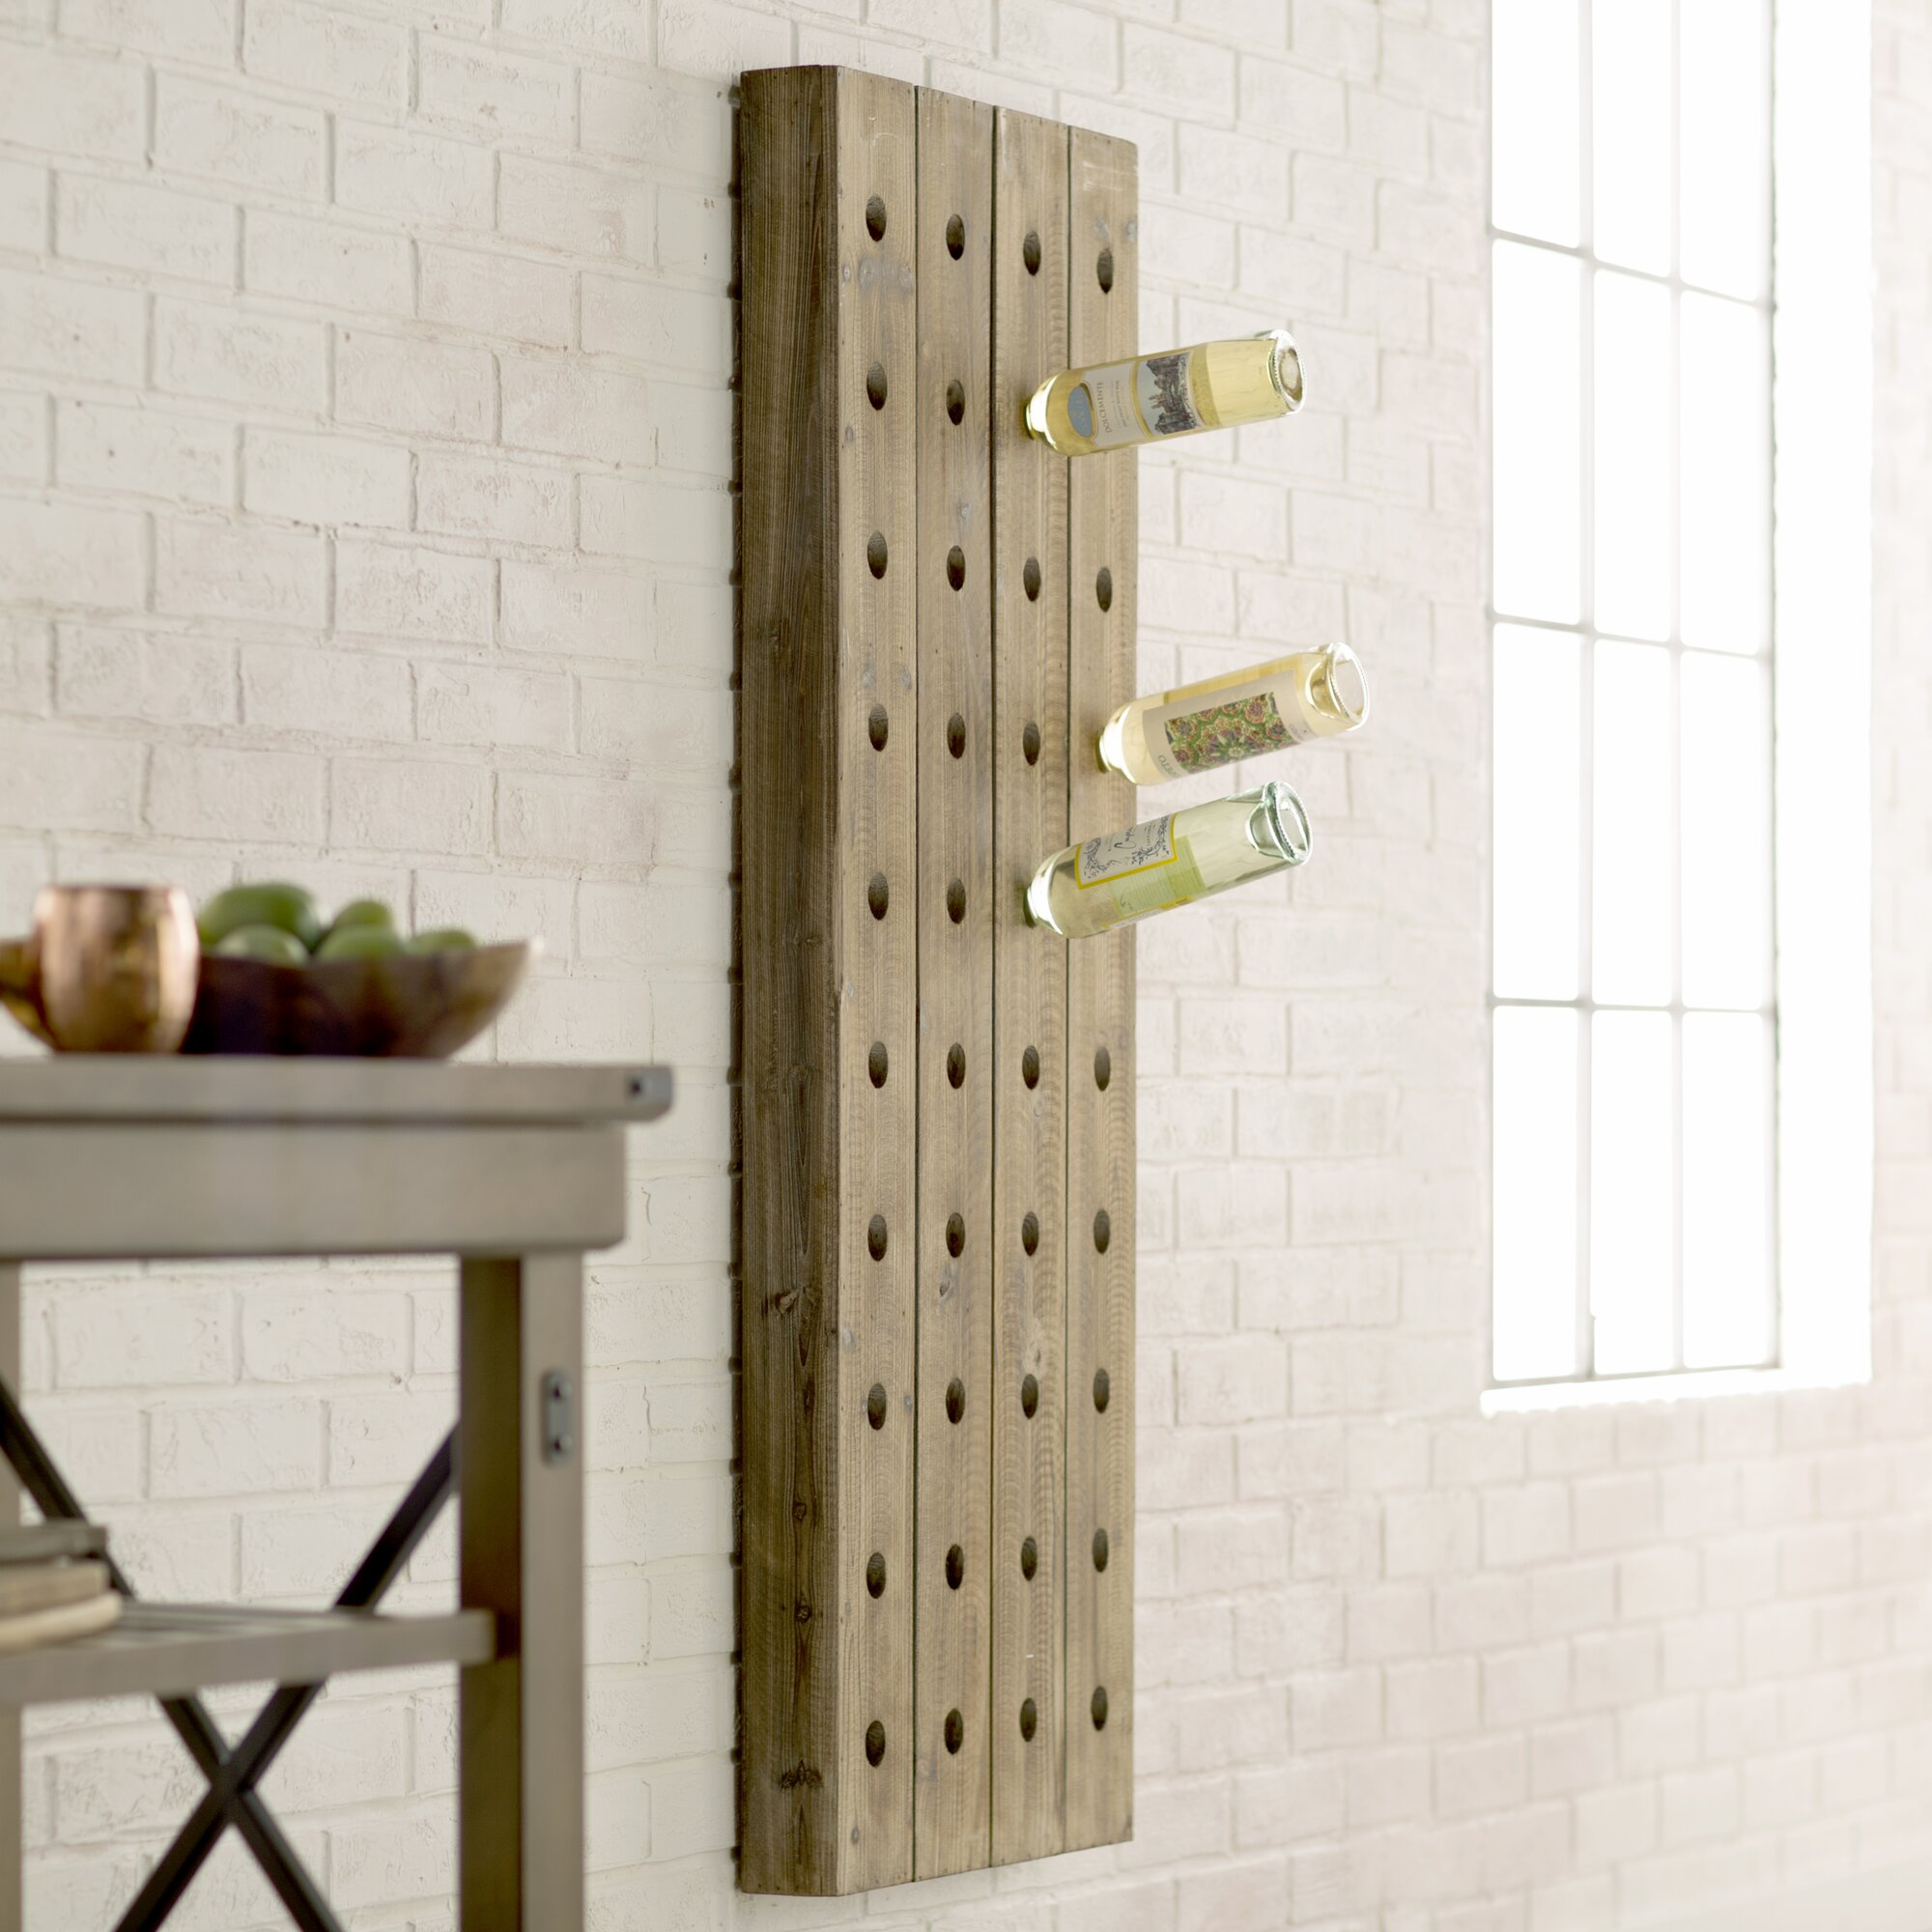 wolpert 40 bottle wall mounted wine rack